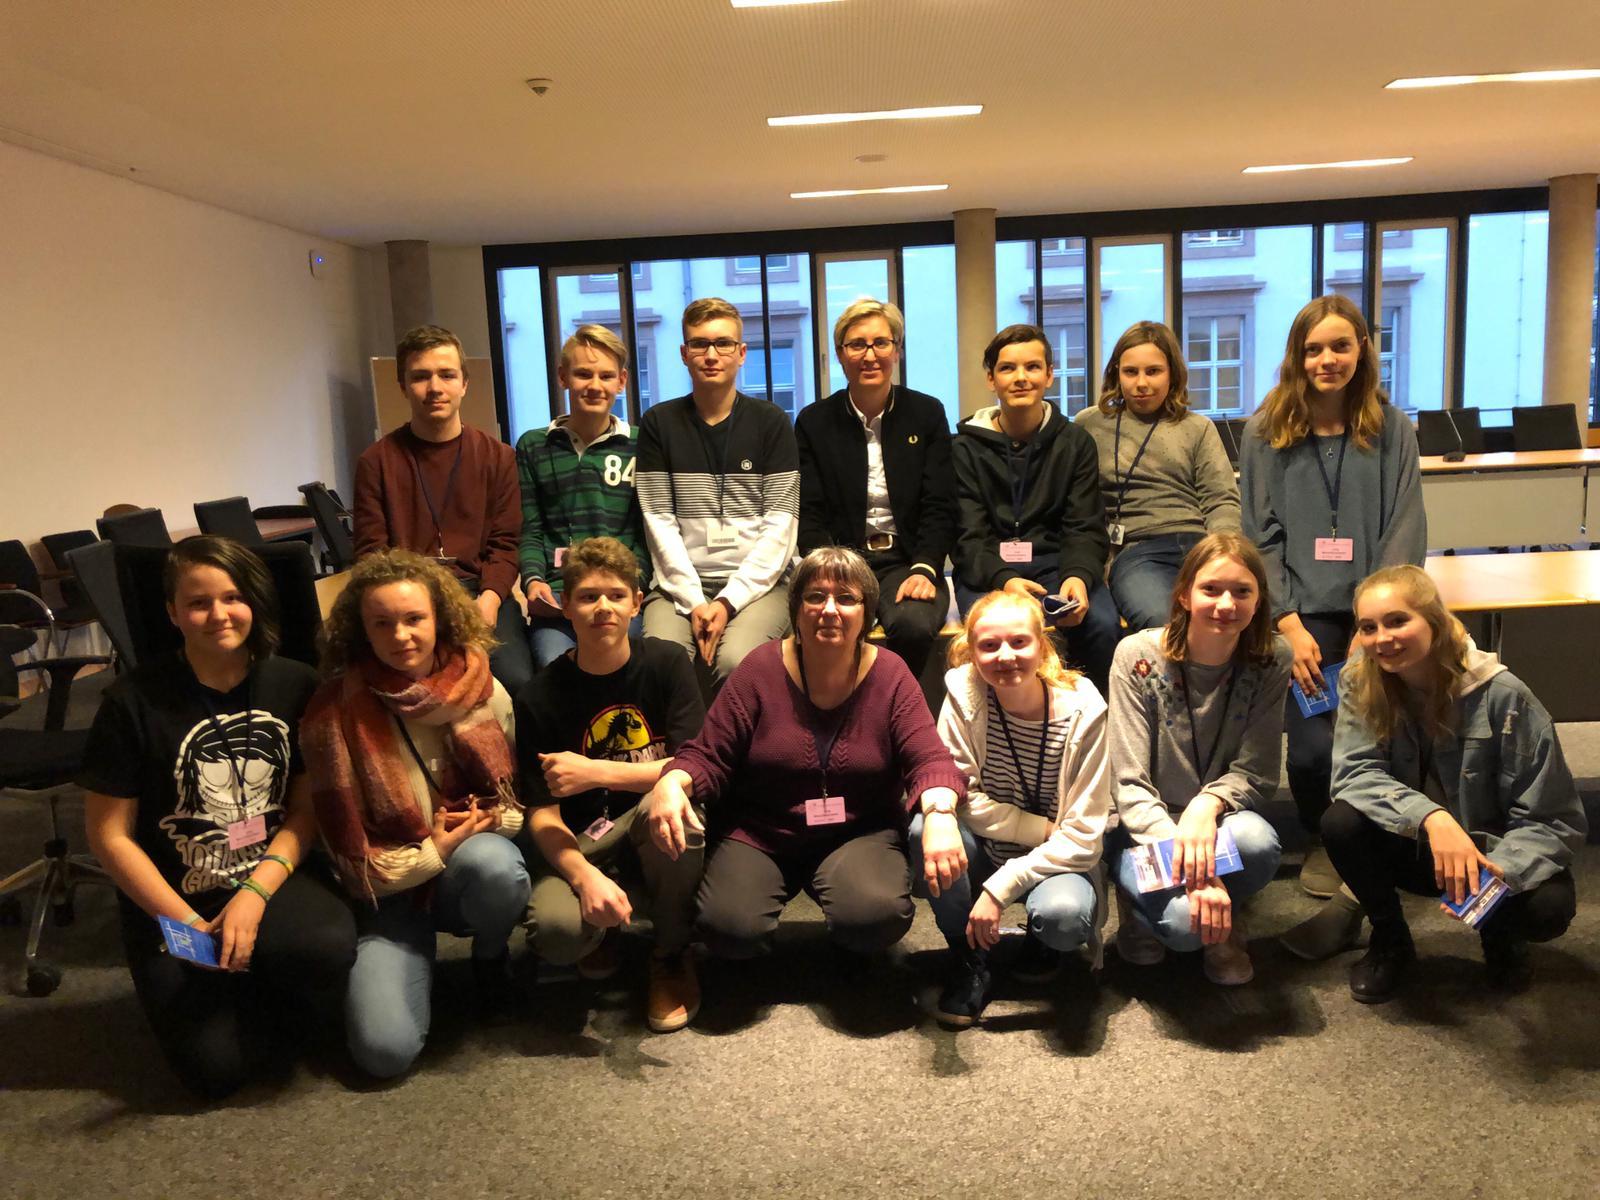 SchülerInnen-Gruppe beim Besuch des Thüringer Landtags in Erfurt 2019